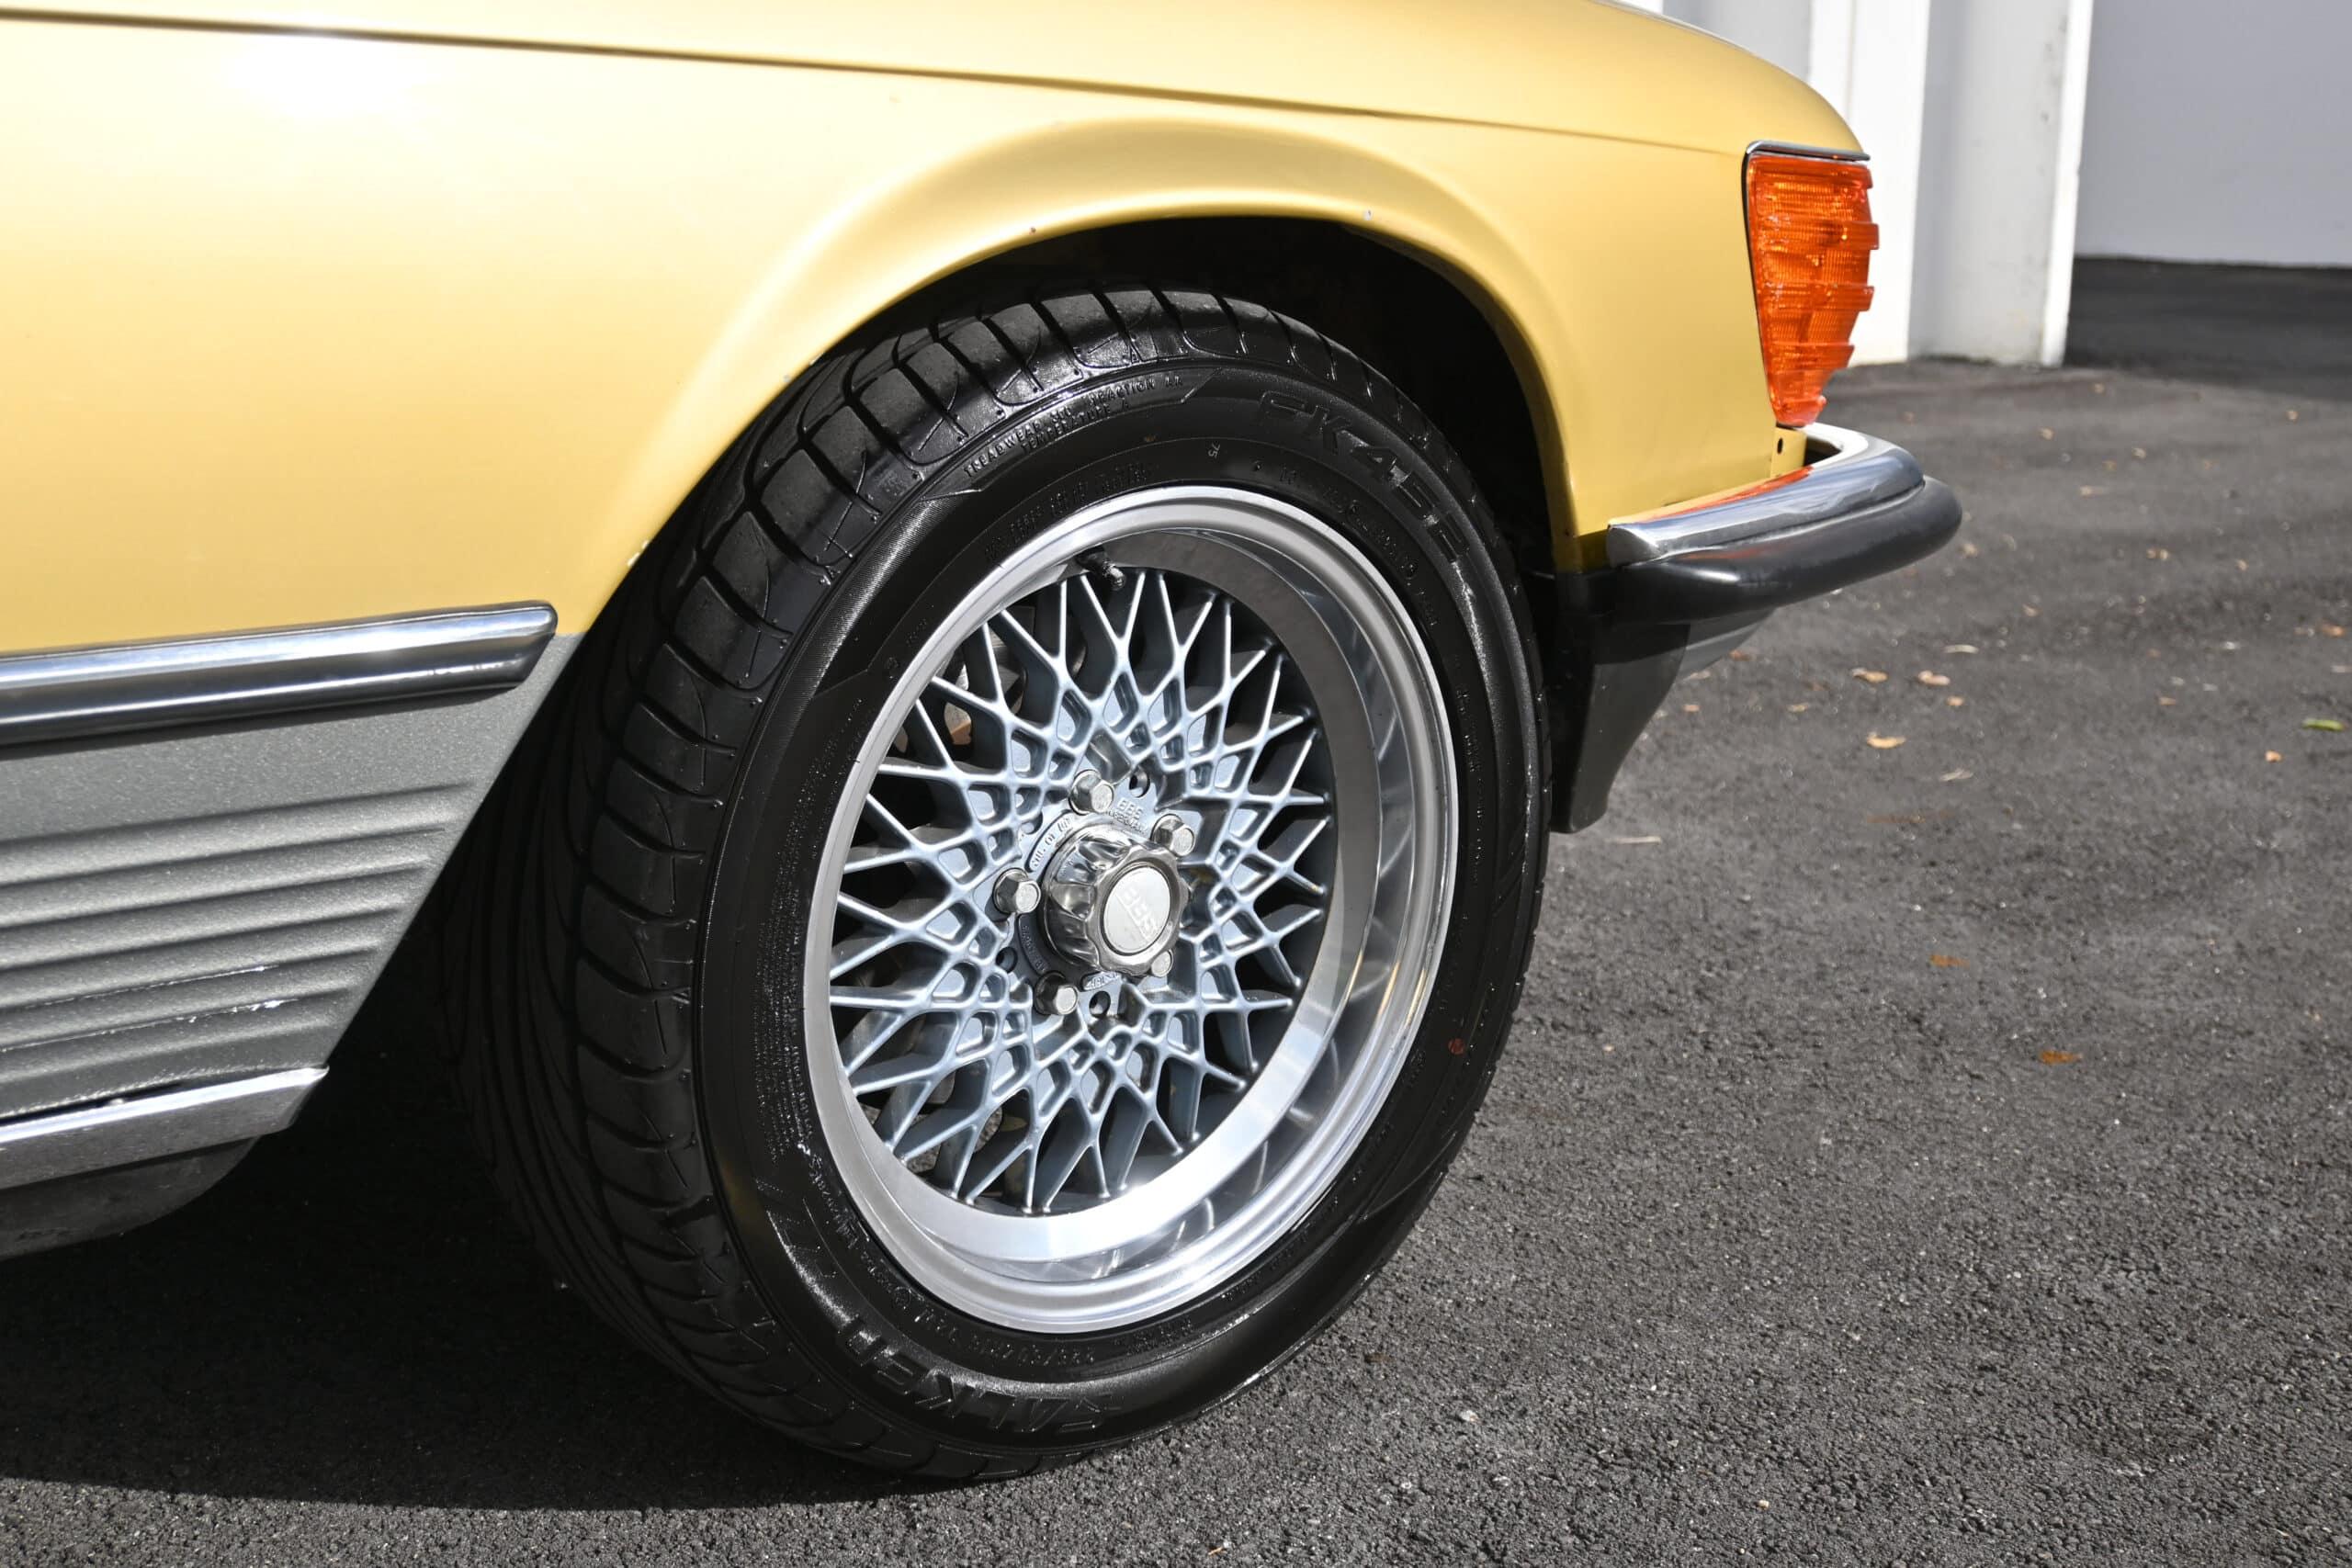 1979 Mercedes-Benz 450 SLC 5.0  Rare FIA lightweight Homologation car